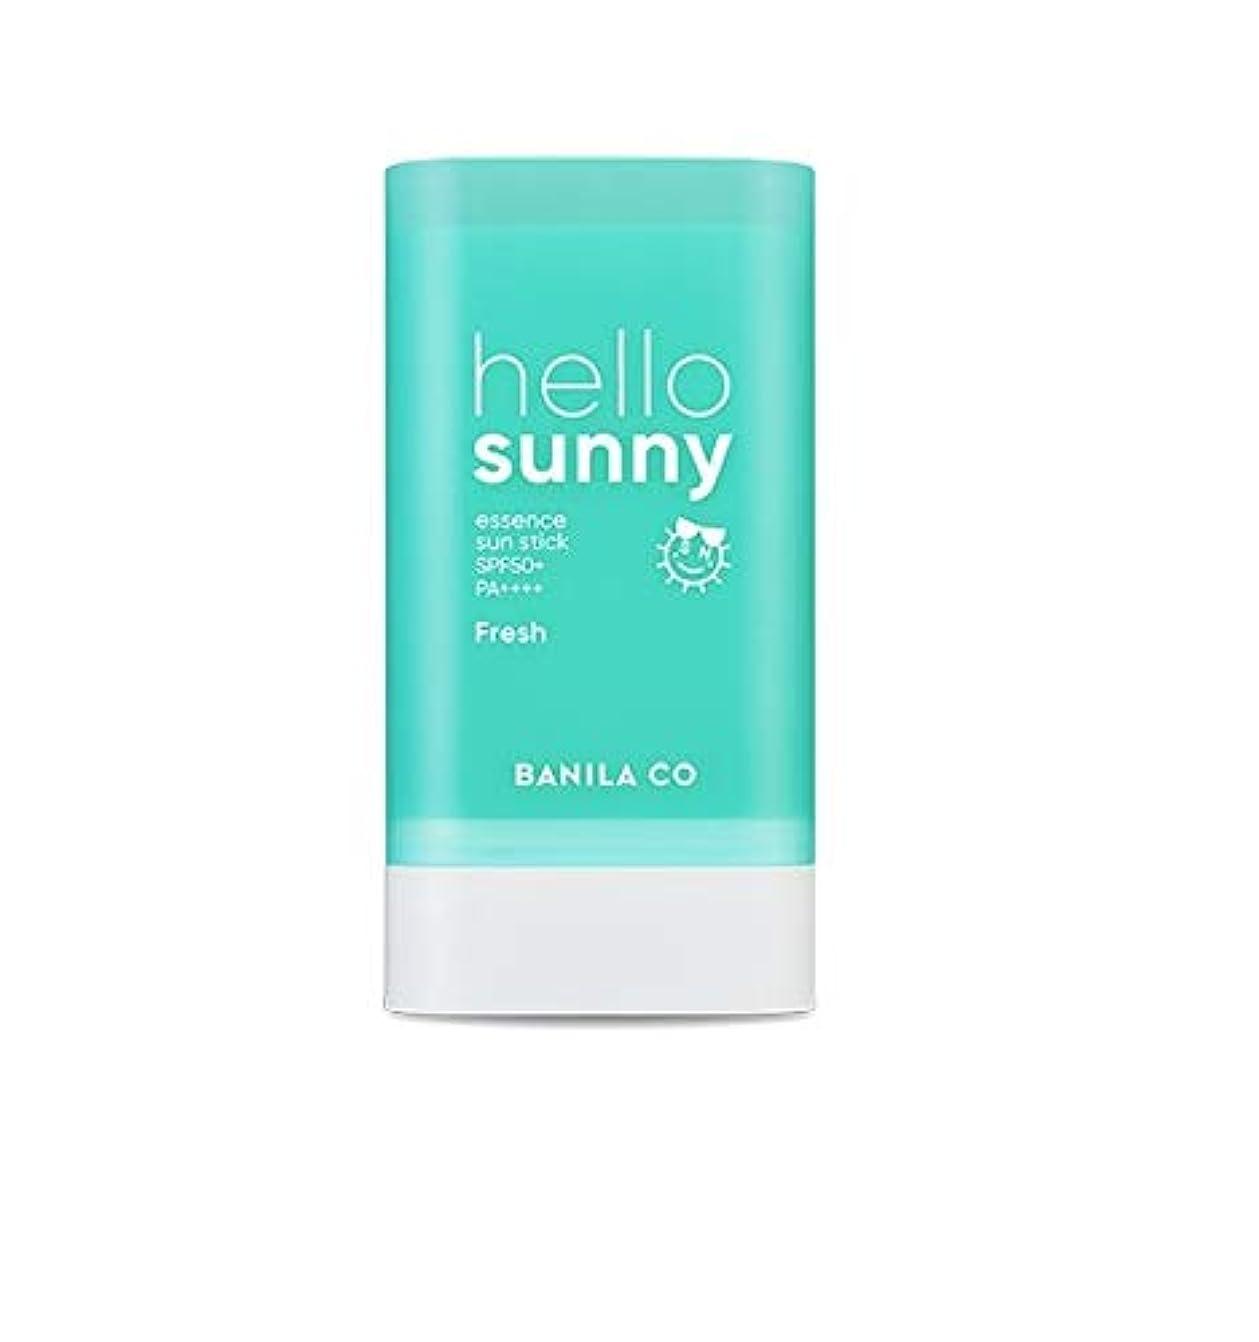 許容復讐インシュレータbanilaco ハローサニーエッセンスサンスティックフレッシュ/Hello Sunny Essence SunStick Fresh 18.5g [並行輸入品]